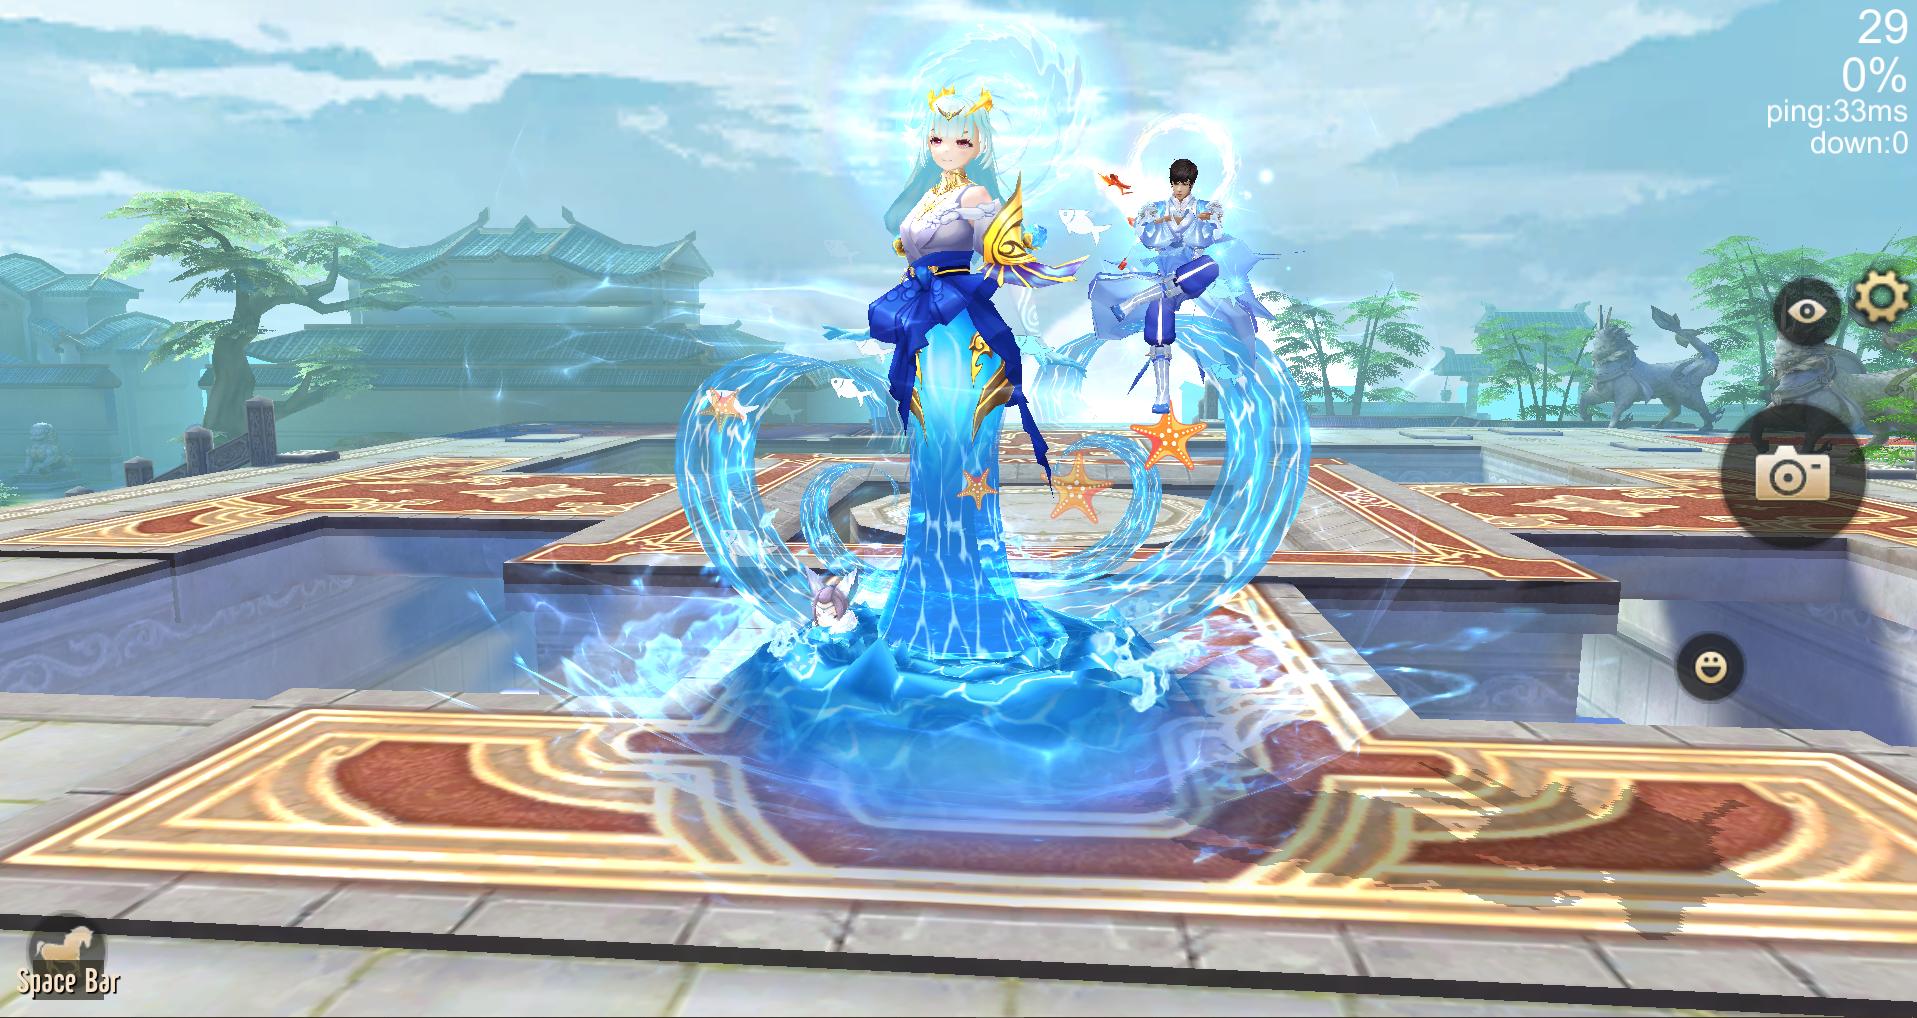 Hồ Quang Hiếu bất ngờ bị cruch phũ cực mạnh và cách giải sầu cực hiệu quả bằng... game - Ảnh 6.